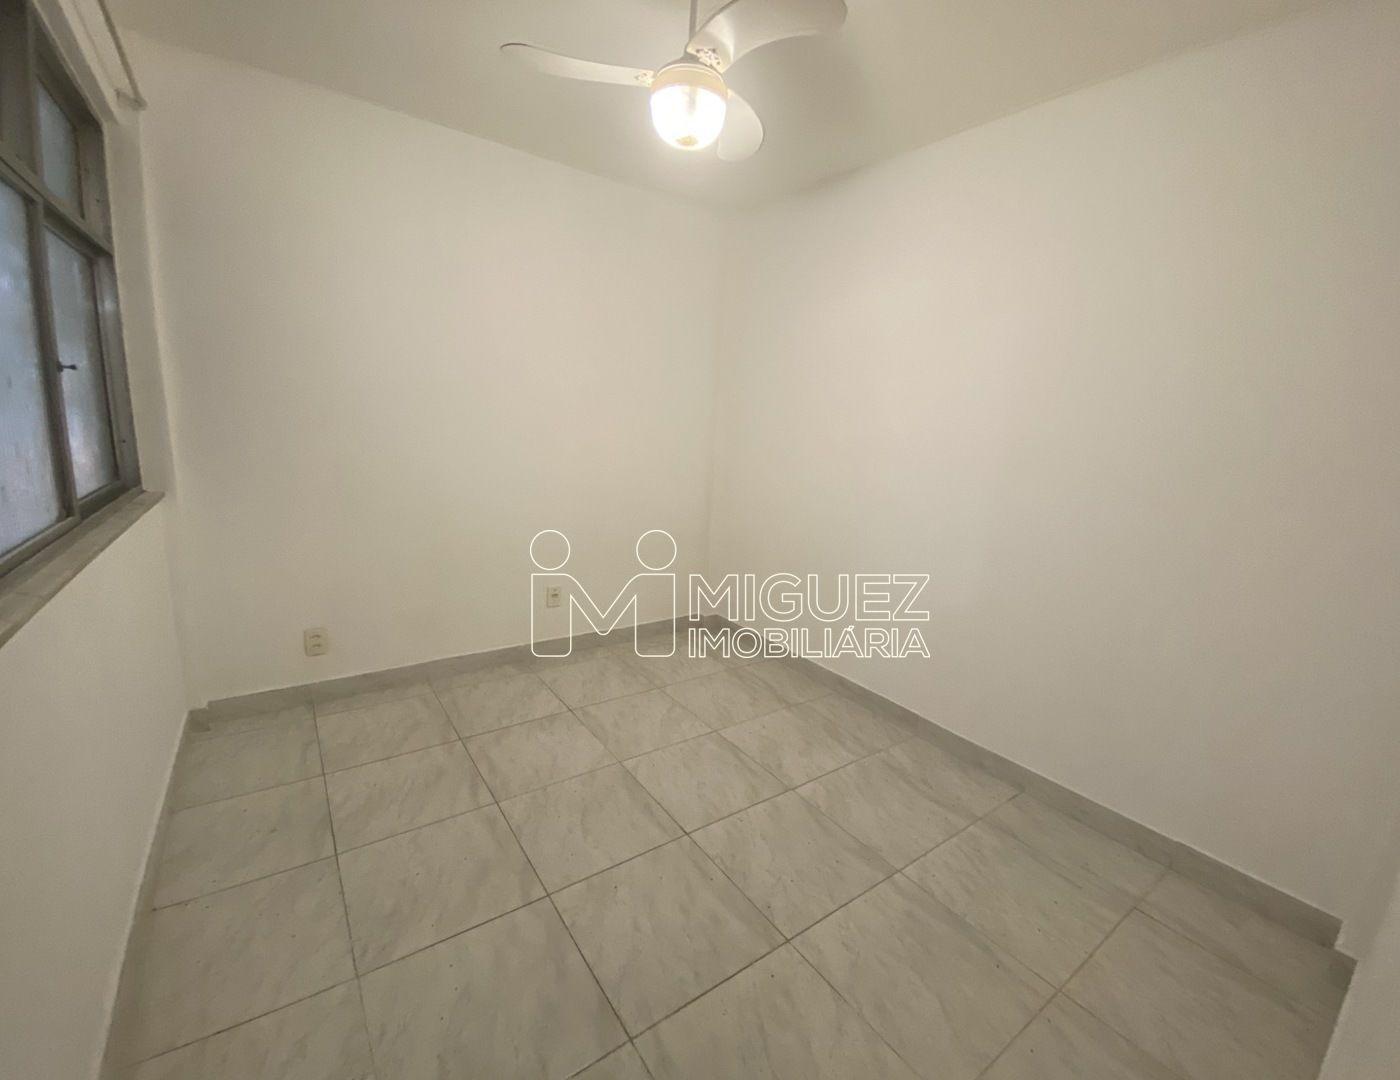 Apartamento, aluguel, Rua Doutor Agra - Catumbi , Rio de janeiro